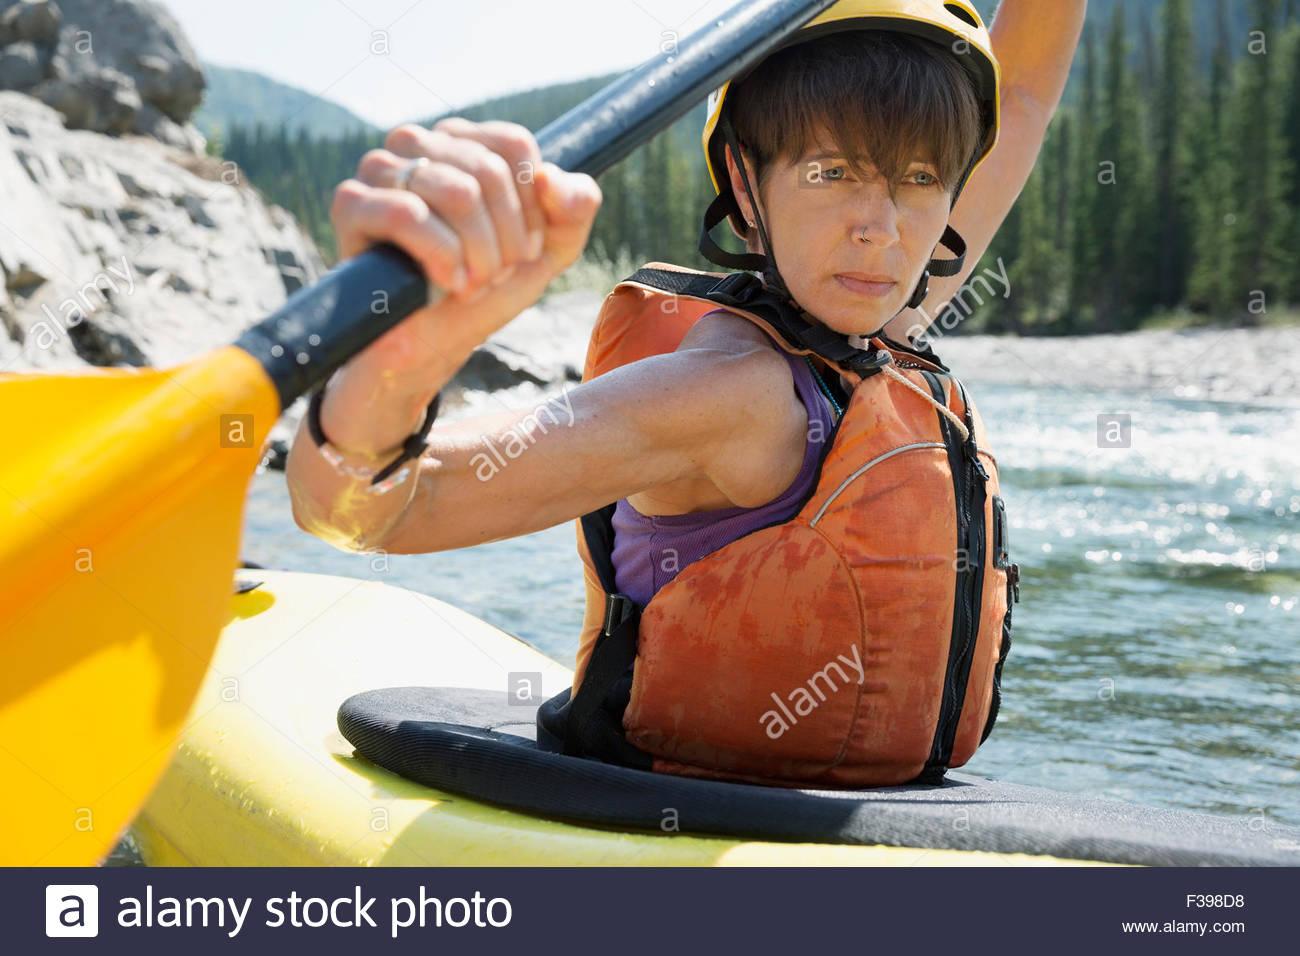 Cerrar determinada mujer kayak en el río. Imagen De Stock